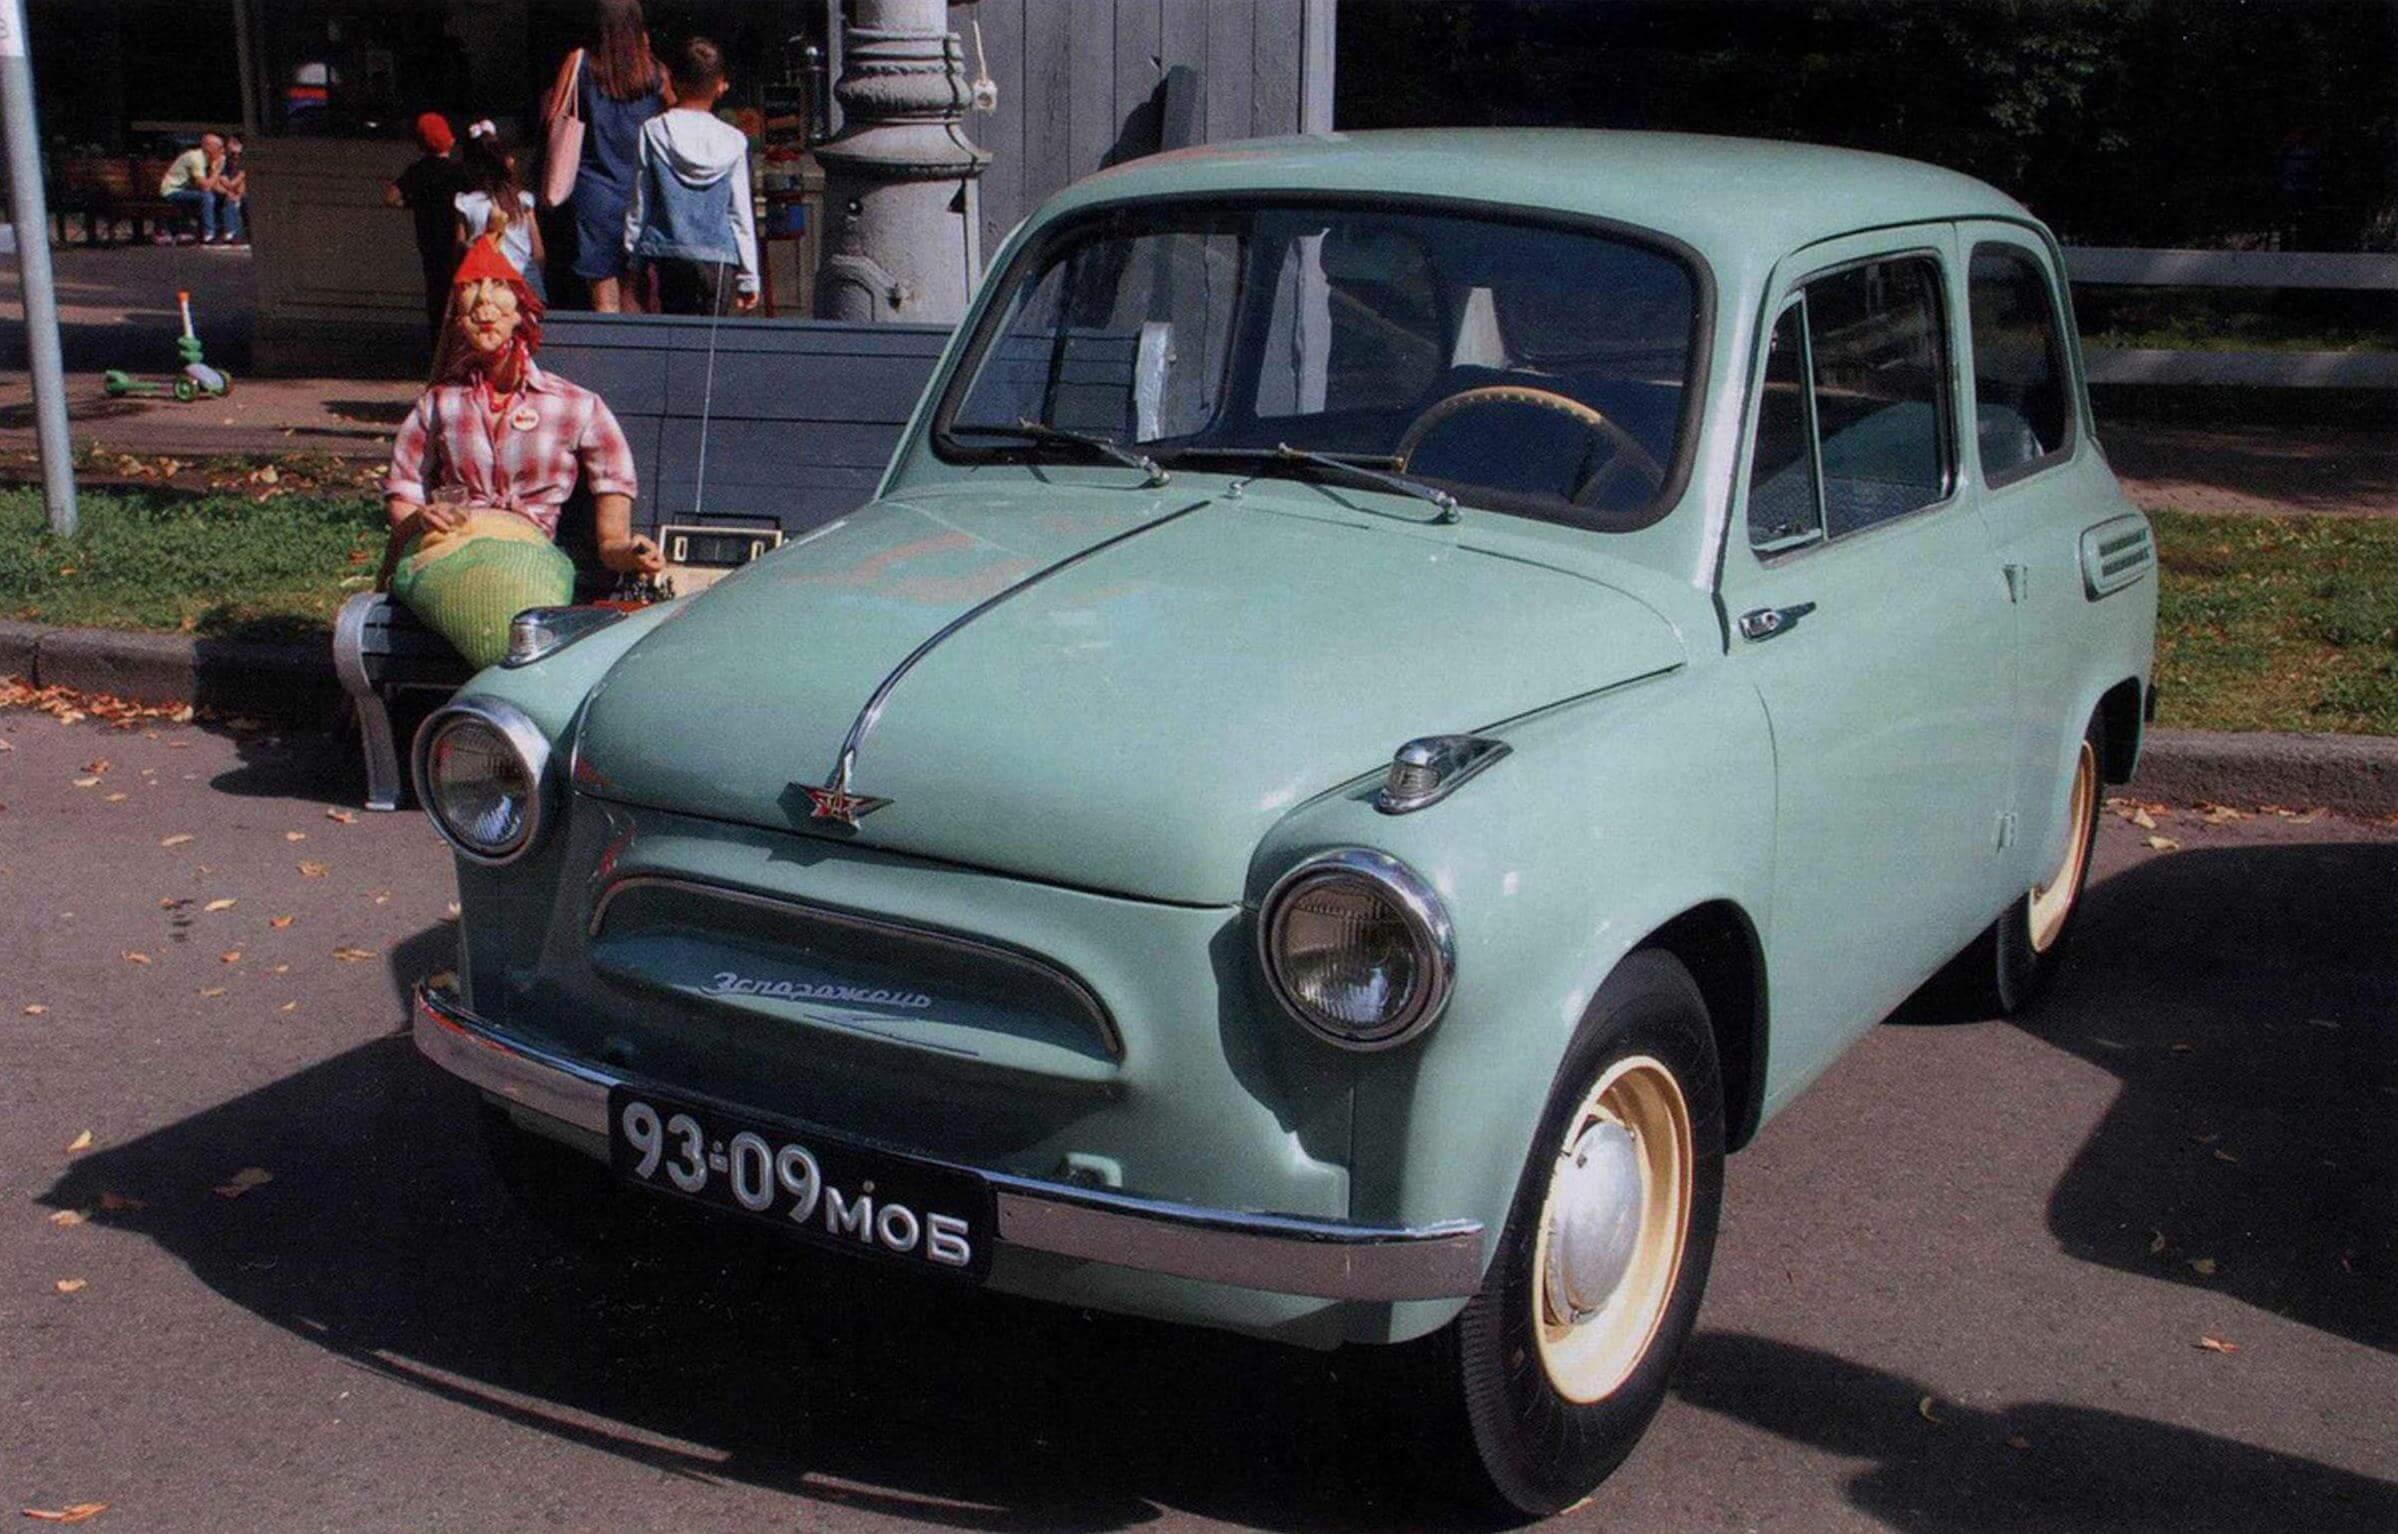 У коллекционеров ретро-техники особенно ценятся ранние образцы ЗАЗ-965 с указателями поворотов в оригинальном корпусе и заводской эмблемой в форме звезды